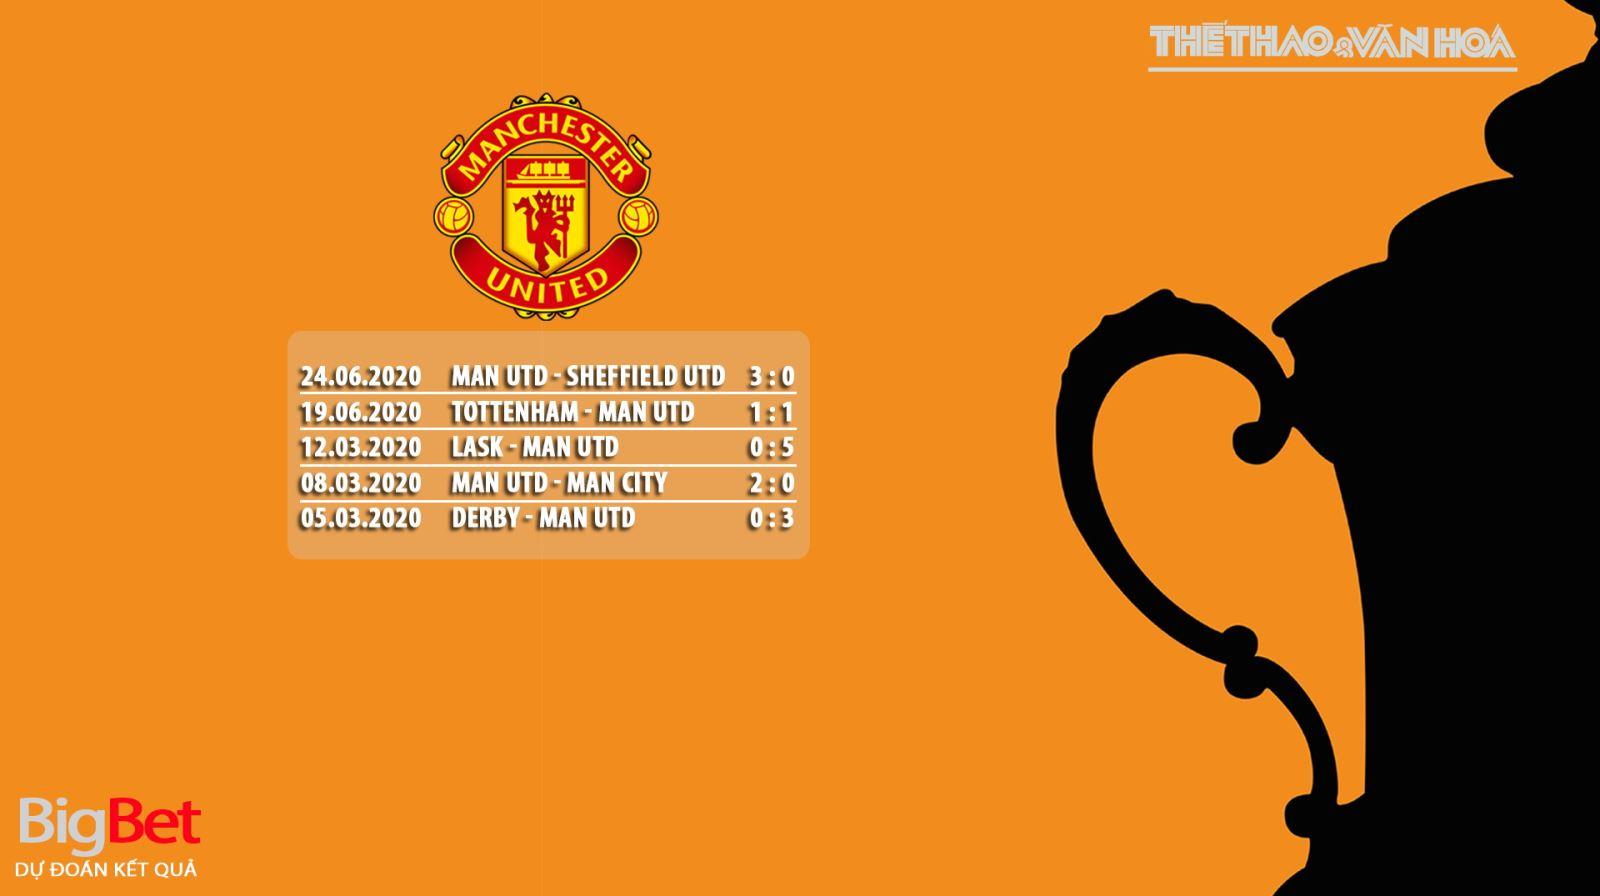 Norwich vs MU, MU, mu, manchester united, norwich, dự đoán, soi kèo, kèo bóng đá, trực tiếp bóng đá, lịch thi đấu bóng đá